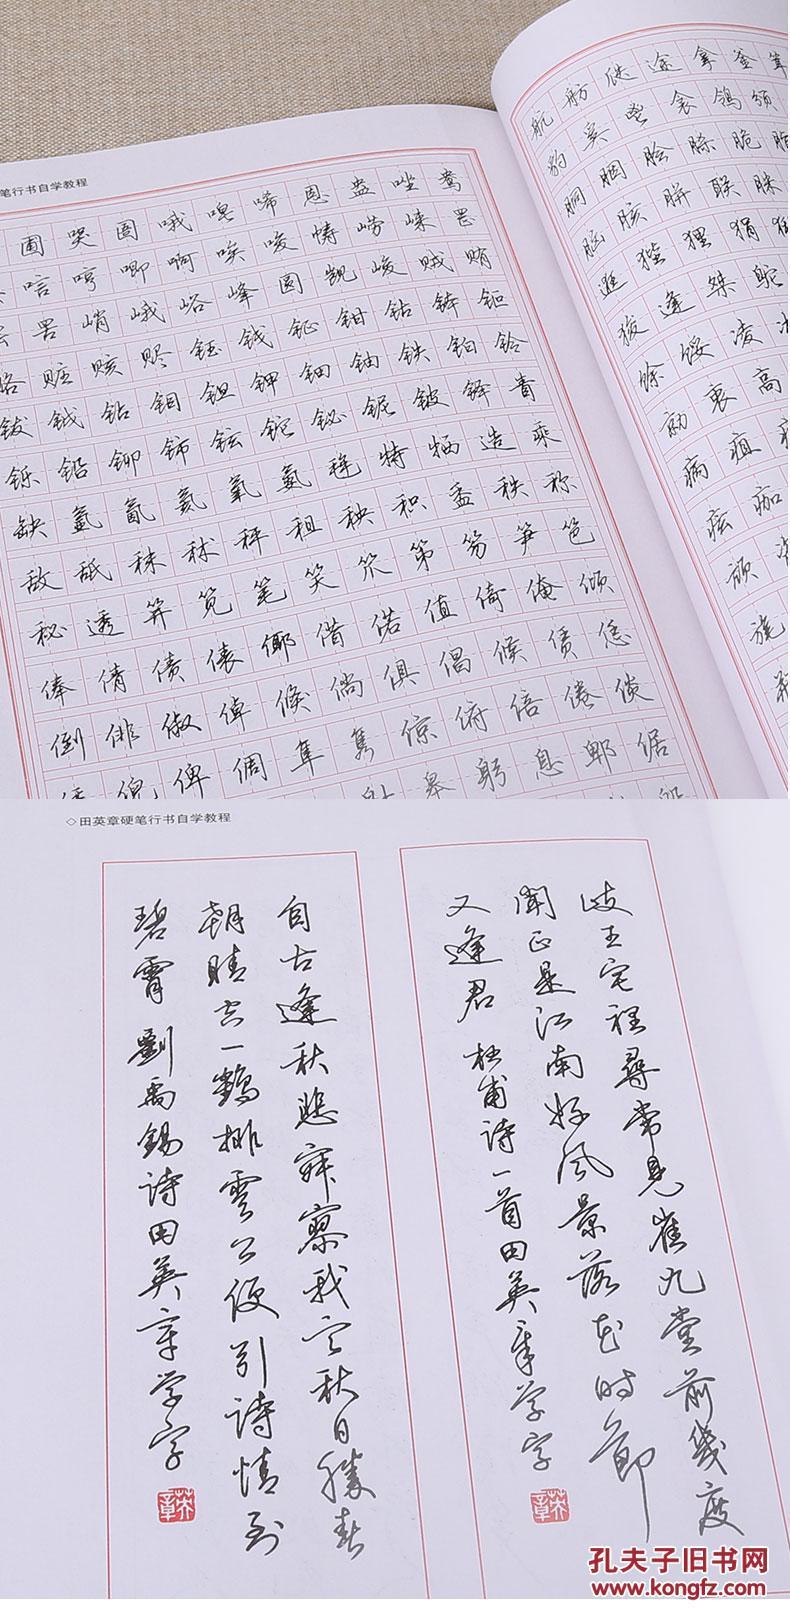 华夏万卷 田英章给你讲书法 硬笔行书图片